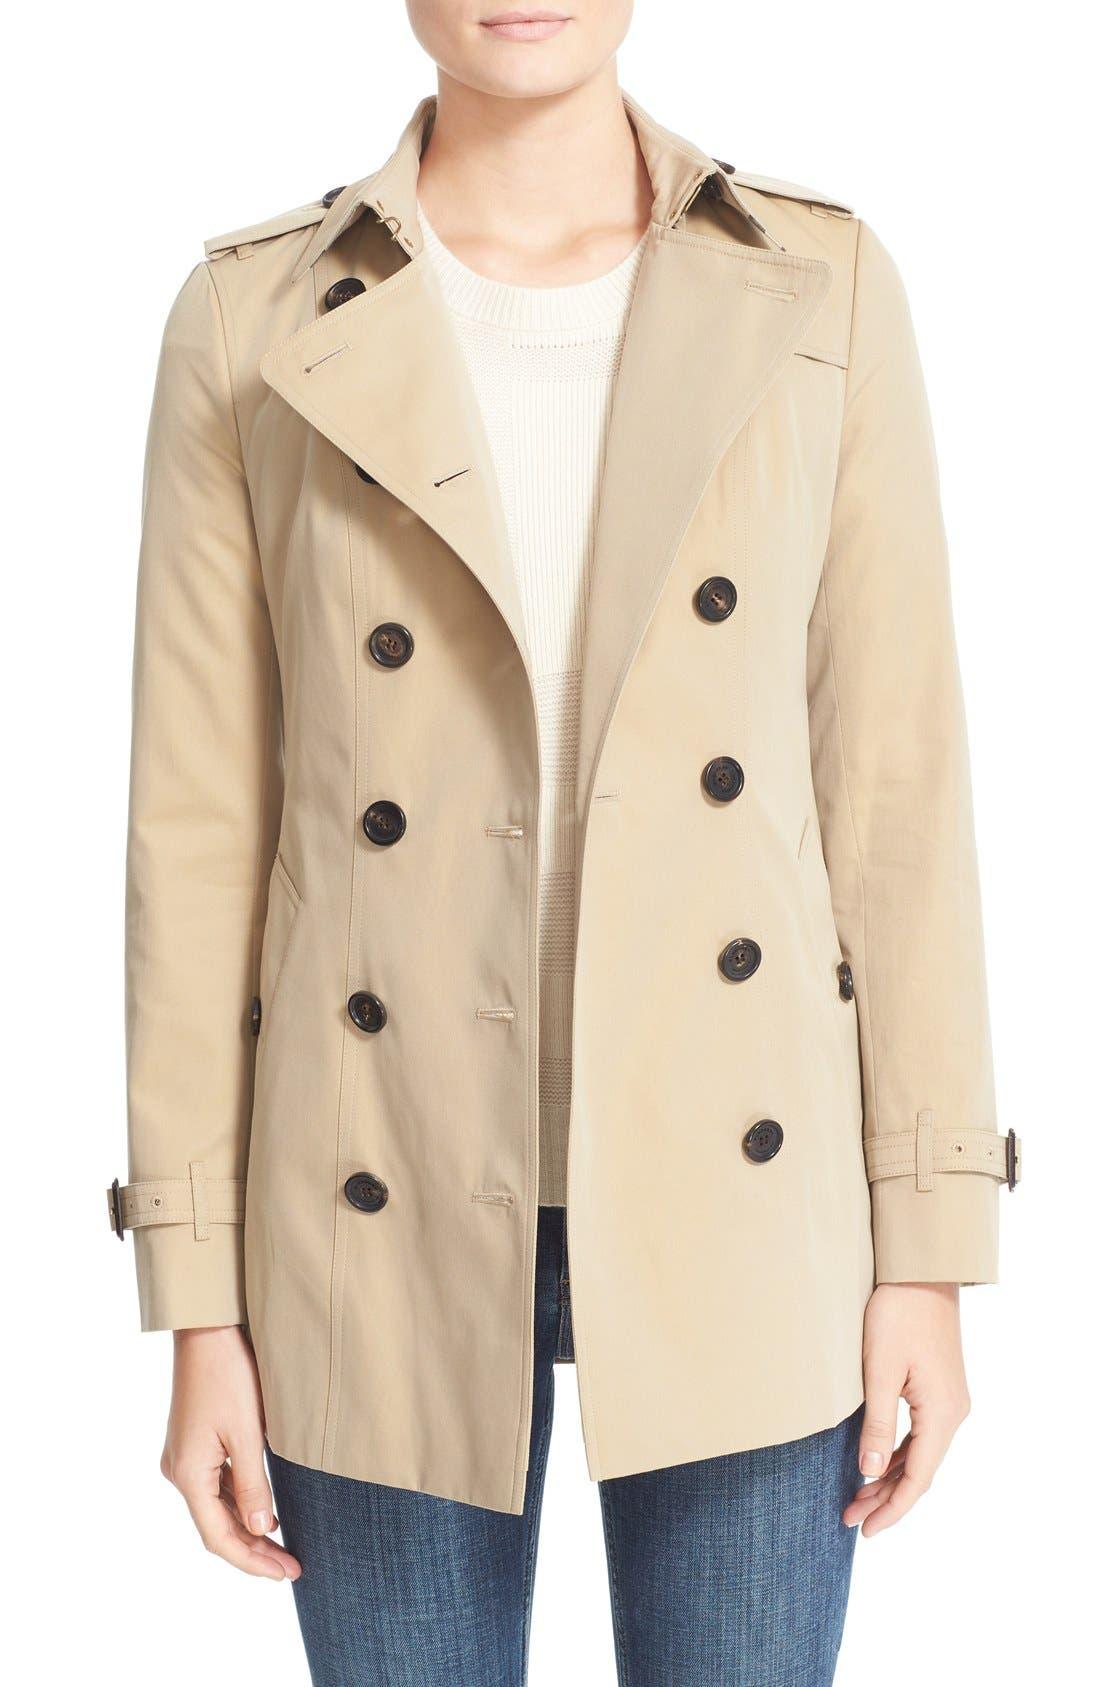 BURBERRY Sandringham Short Slim Trench Coat, Main, color, HONEY